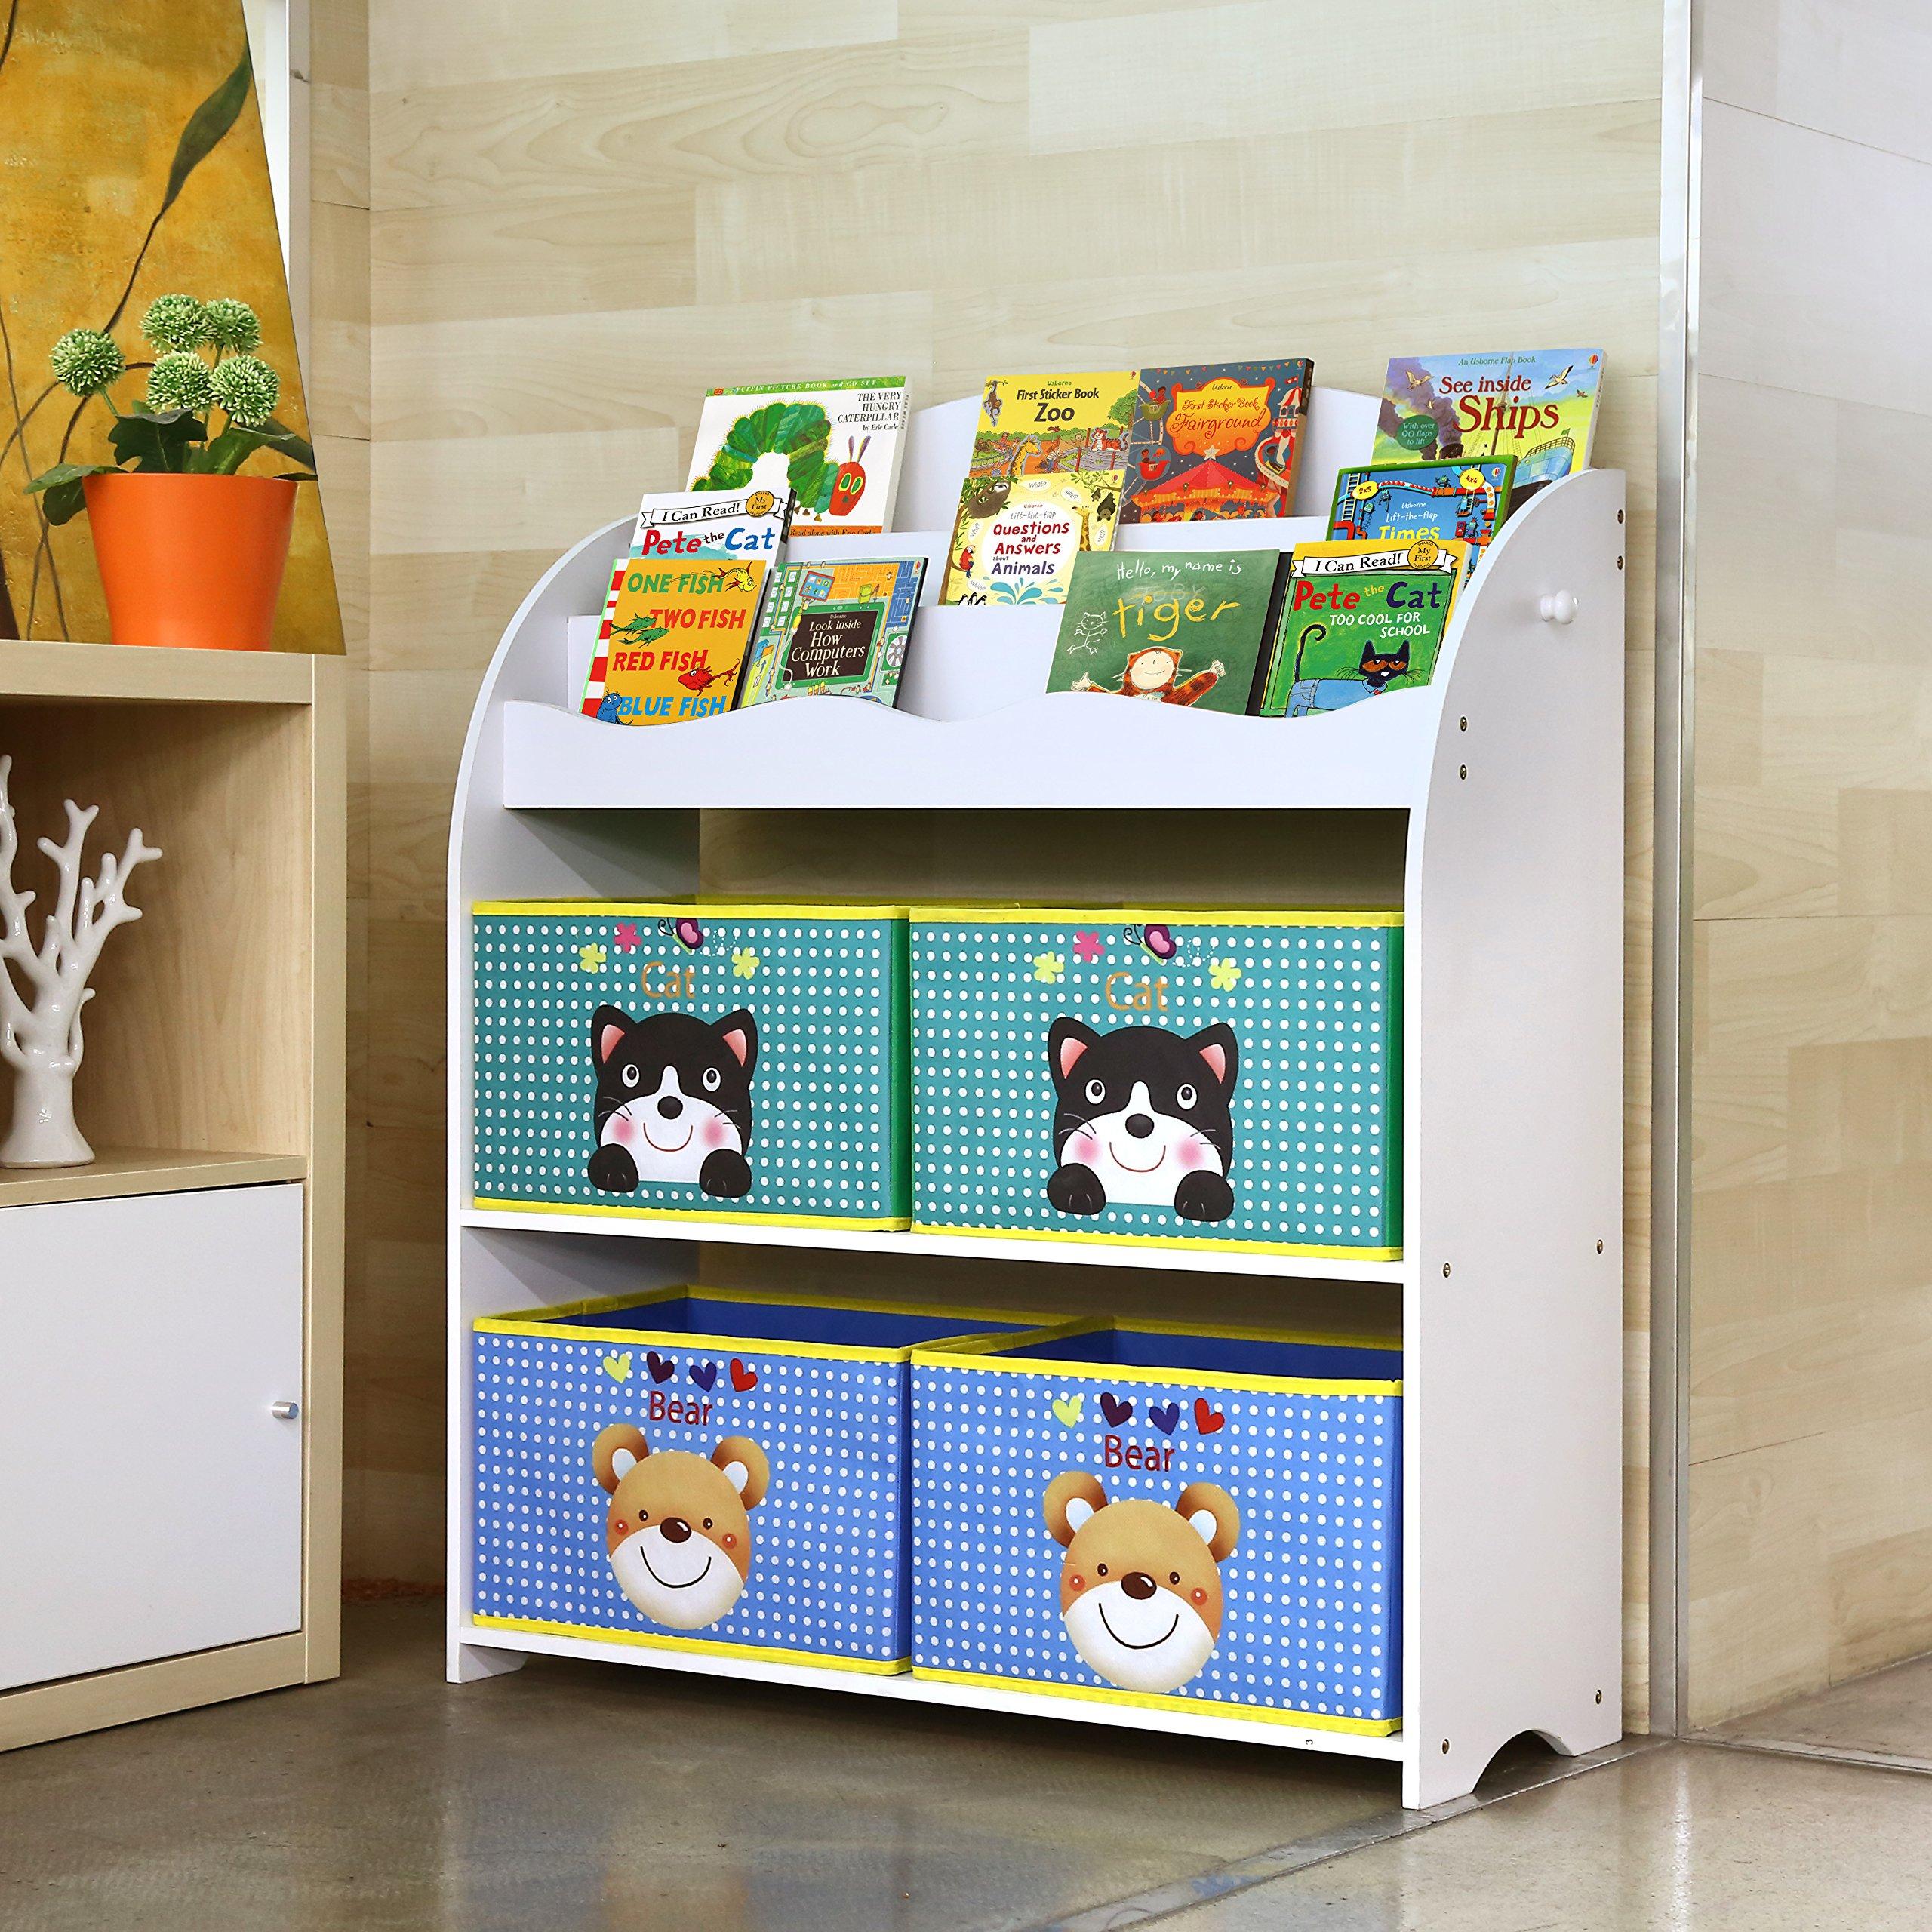 Scaffali E Librerie Per Bambini.Homfa Scaffale Per Giocattoli Libreria Per Bambini Organizzatore Con 4 Scatole Amovibili In Non Woven E 3 Ripiani Porta Libri